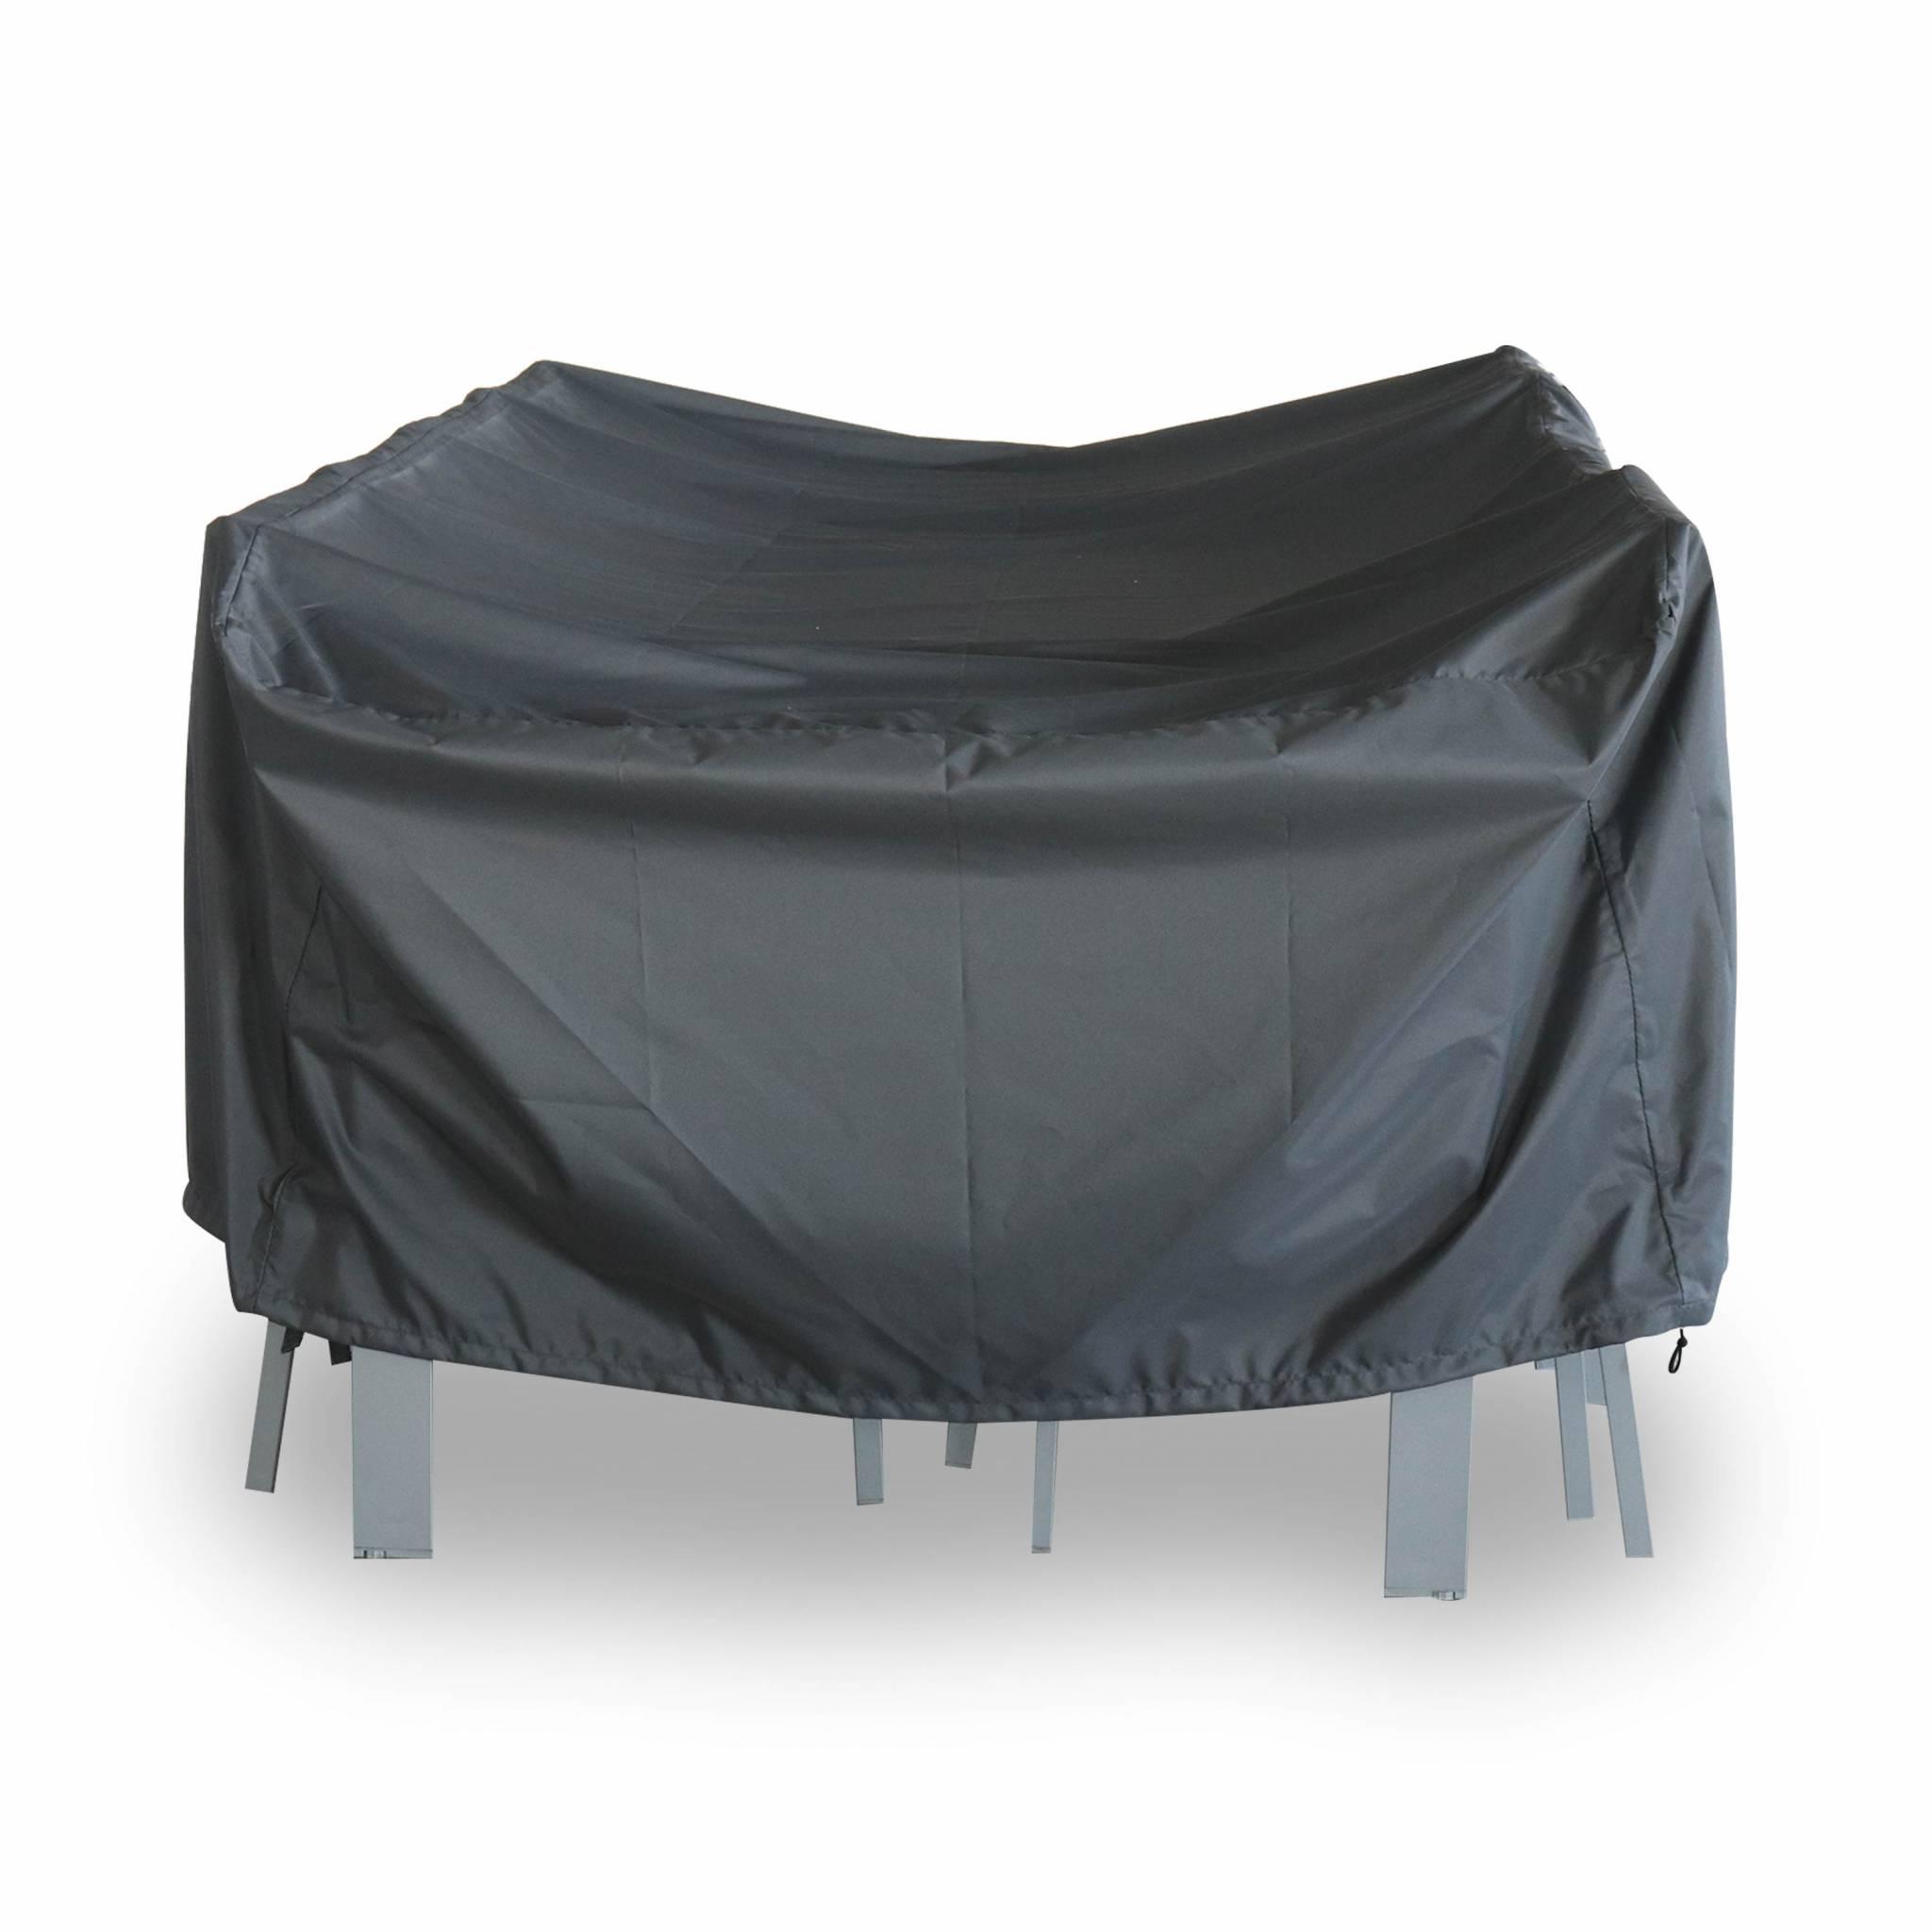 Housse de protection 235x135cm gris foncé polyester pour tables